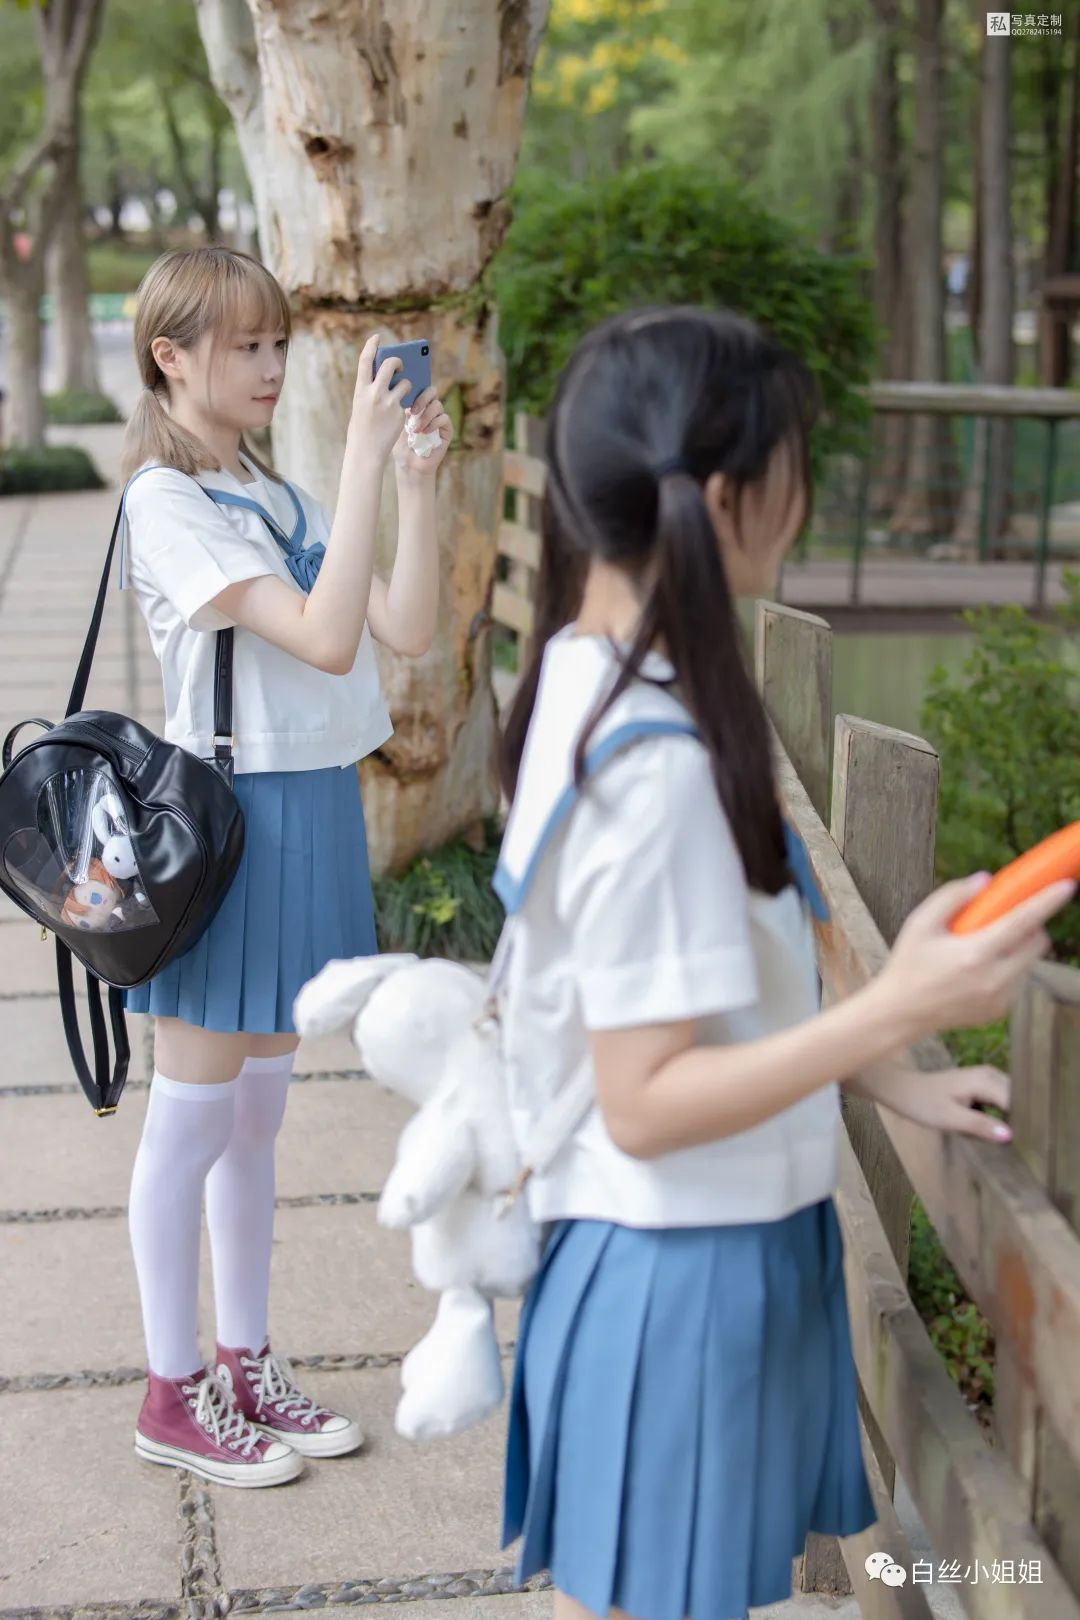 妹子摄影 – 白丝袜JK制服萝莉成对出现,双倍快乐!_图片 No.14